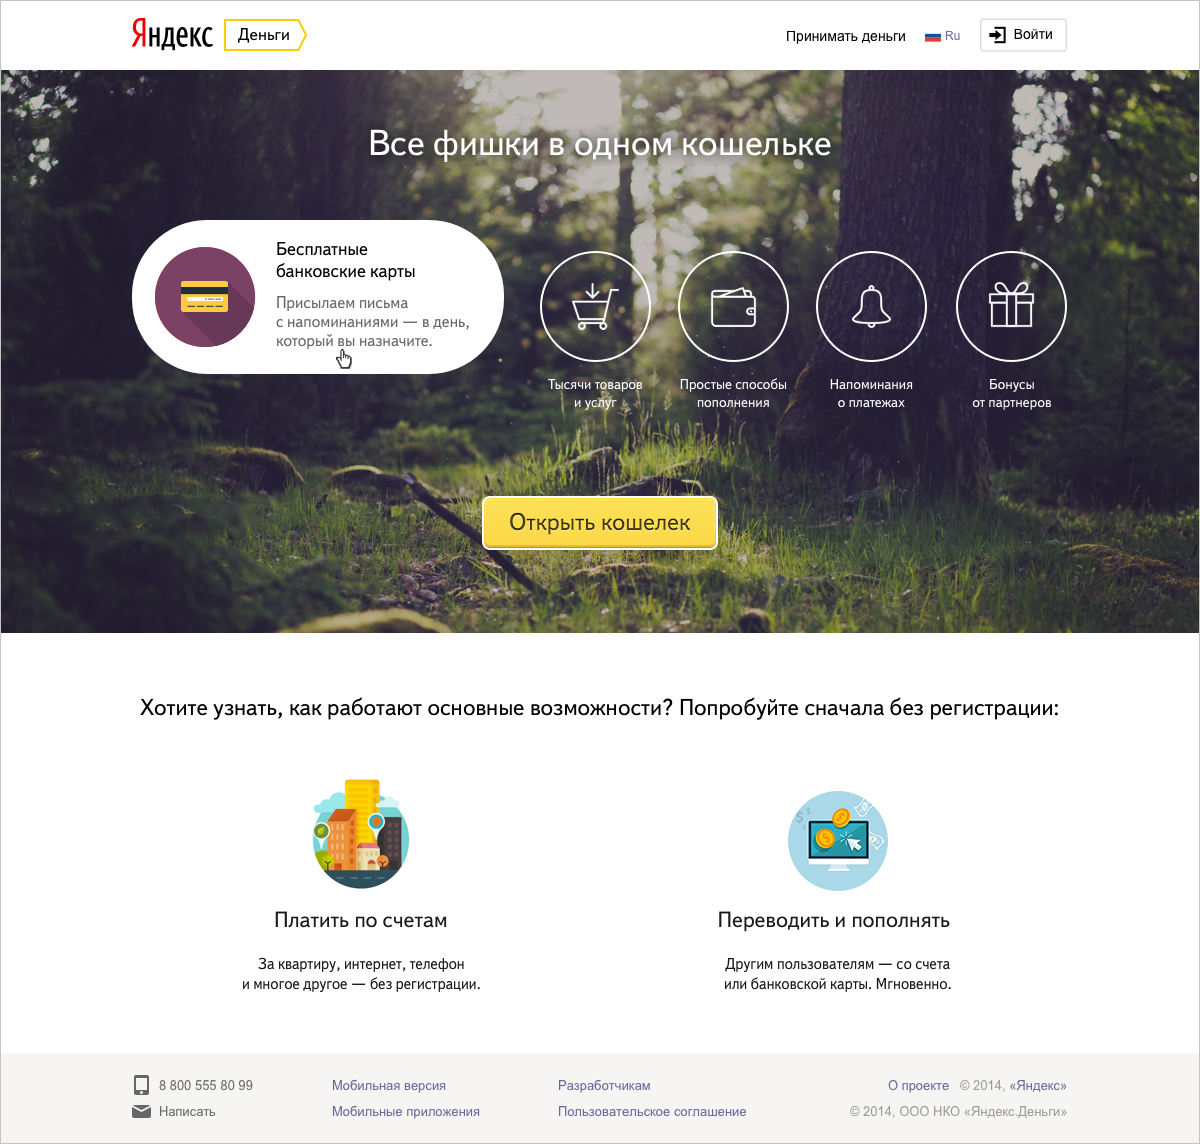 Дружелюбный дизайн и миллион новых пользователей: год экспериментов в Яндекс.Деньгах - 4